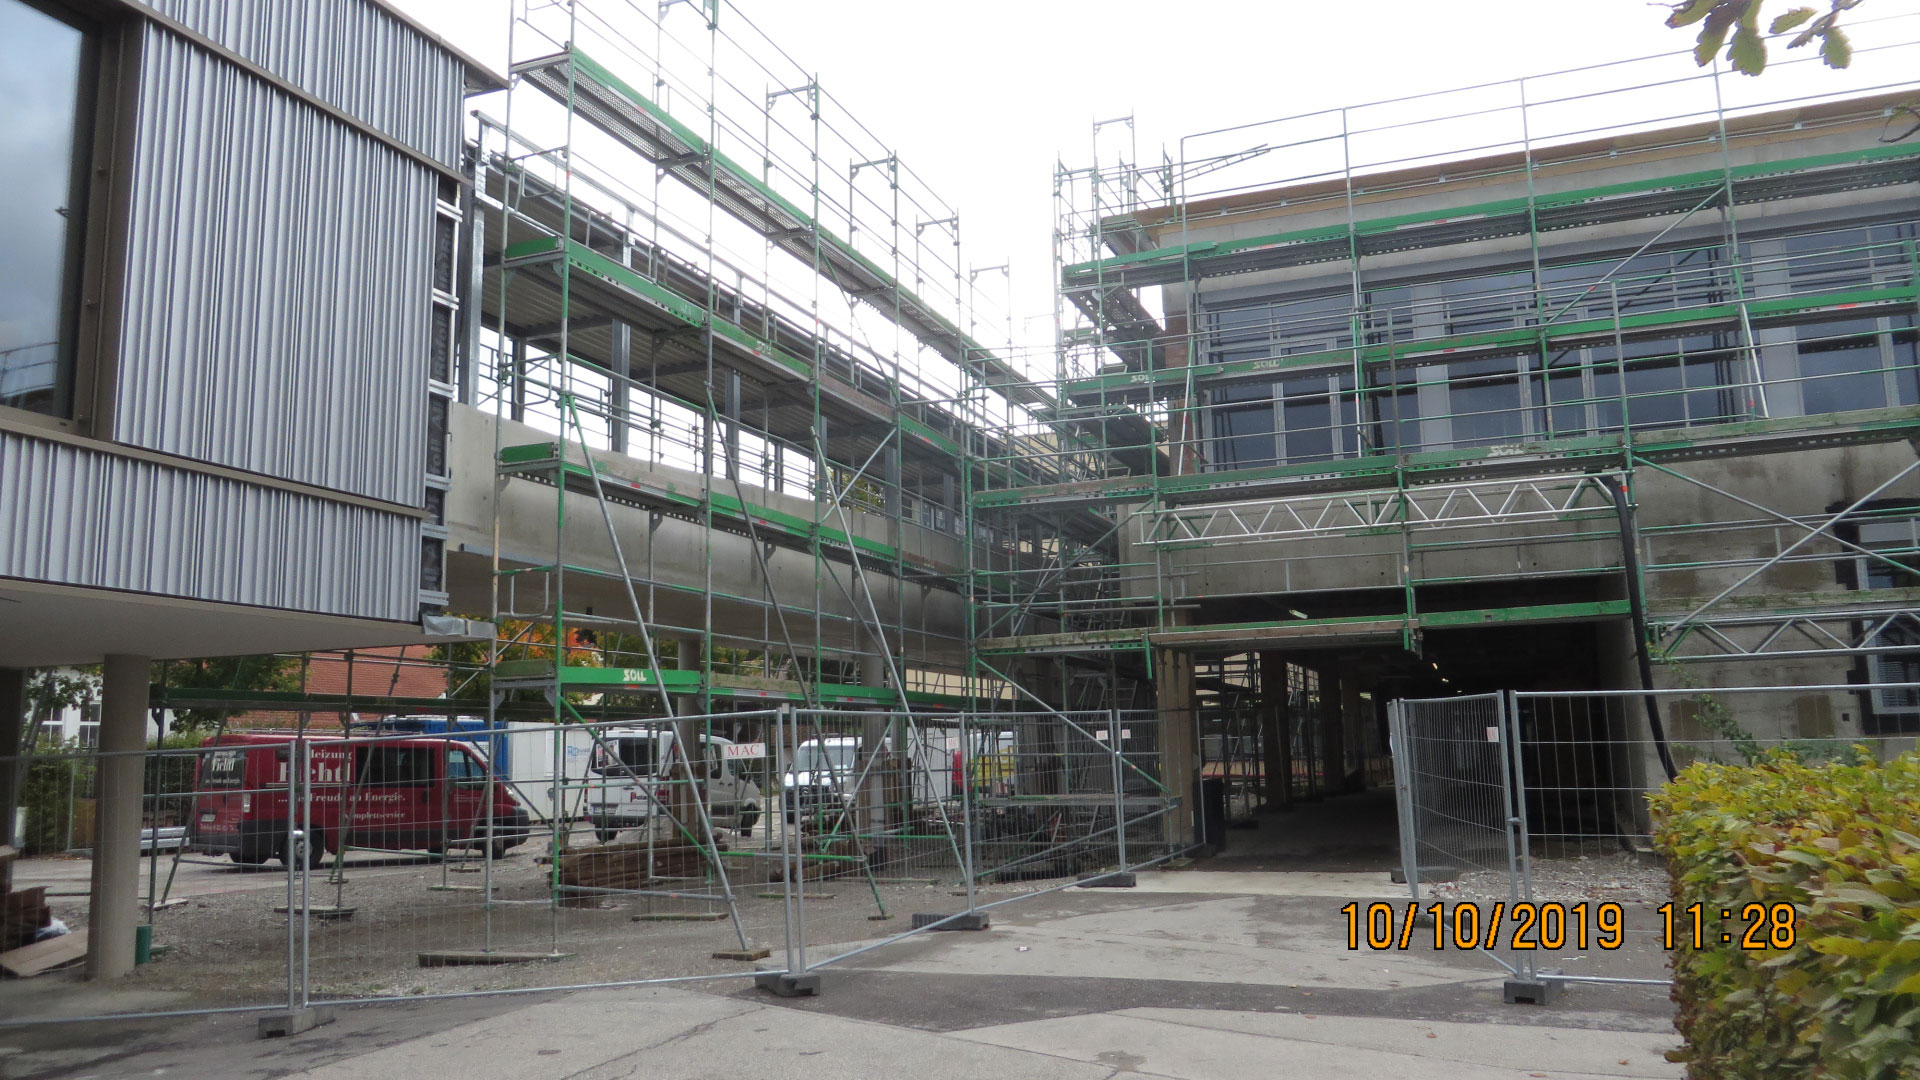 Die Stahlbaukonstruktion am Verbindungsgang ist von außen gut zu erkennen